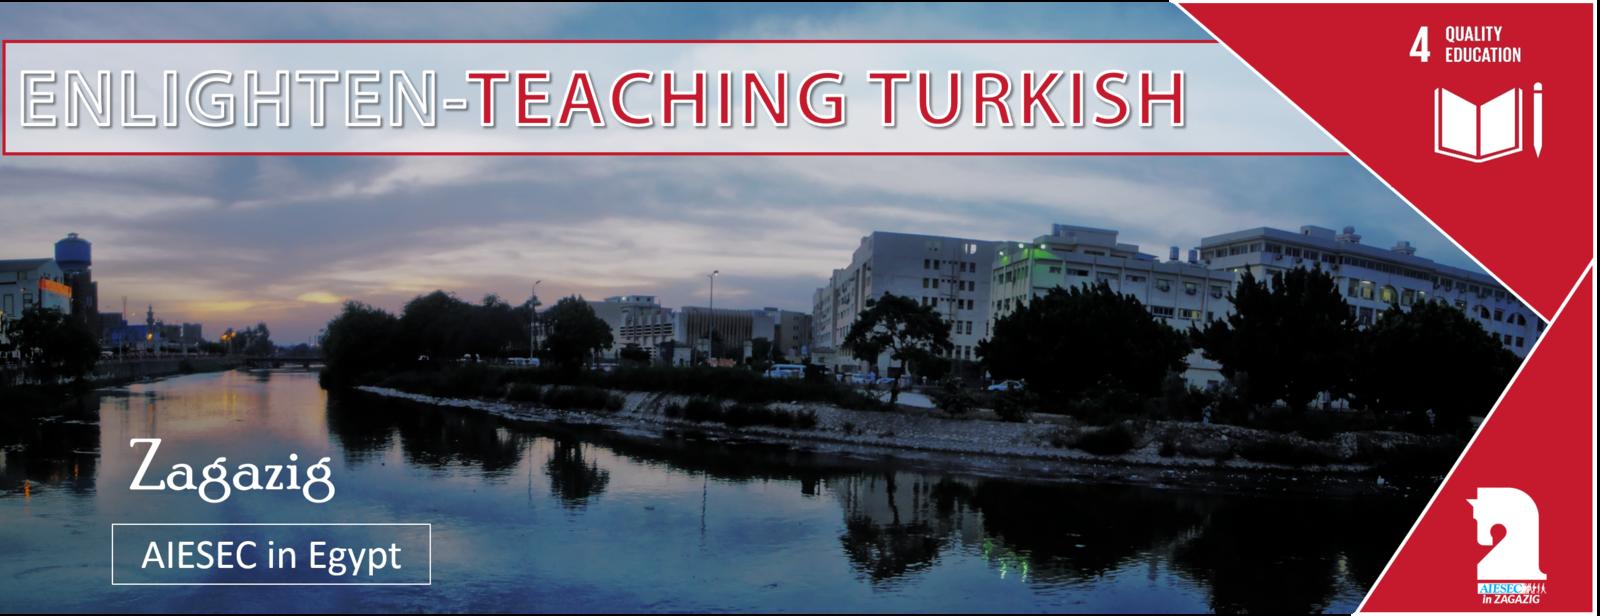 Enlighten - Teaching Turkish Opportunity in EGYPT #4